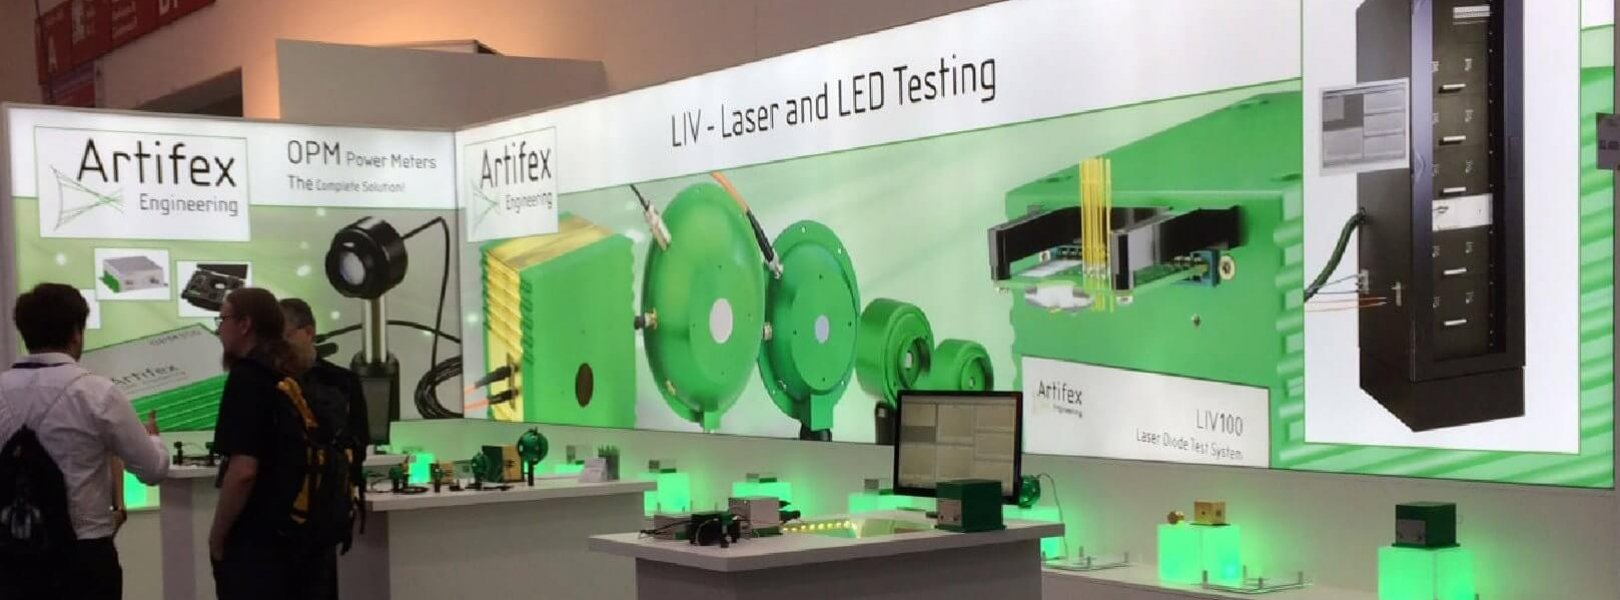 Laser 2017